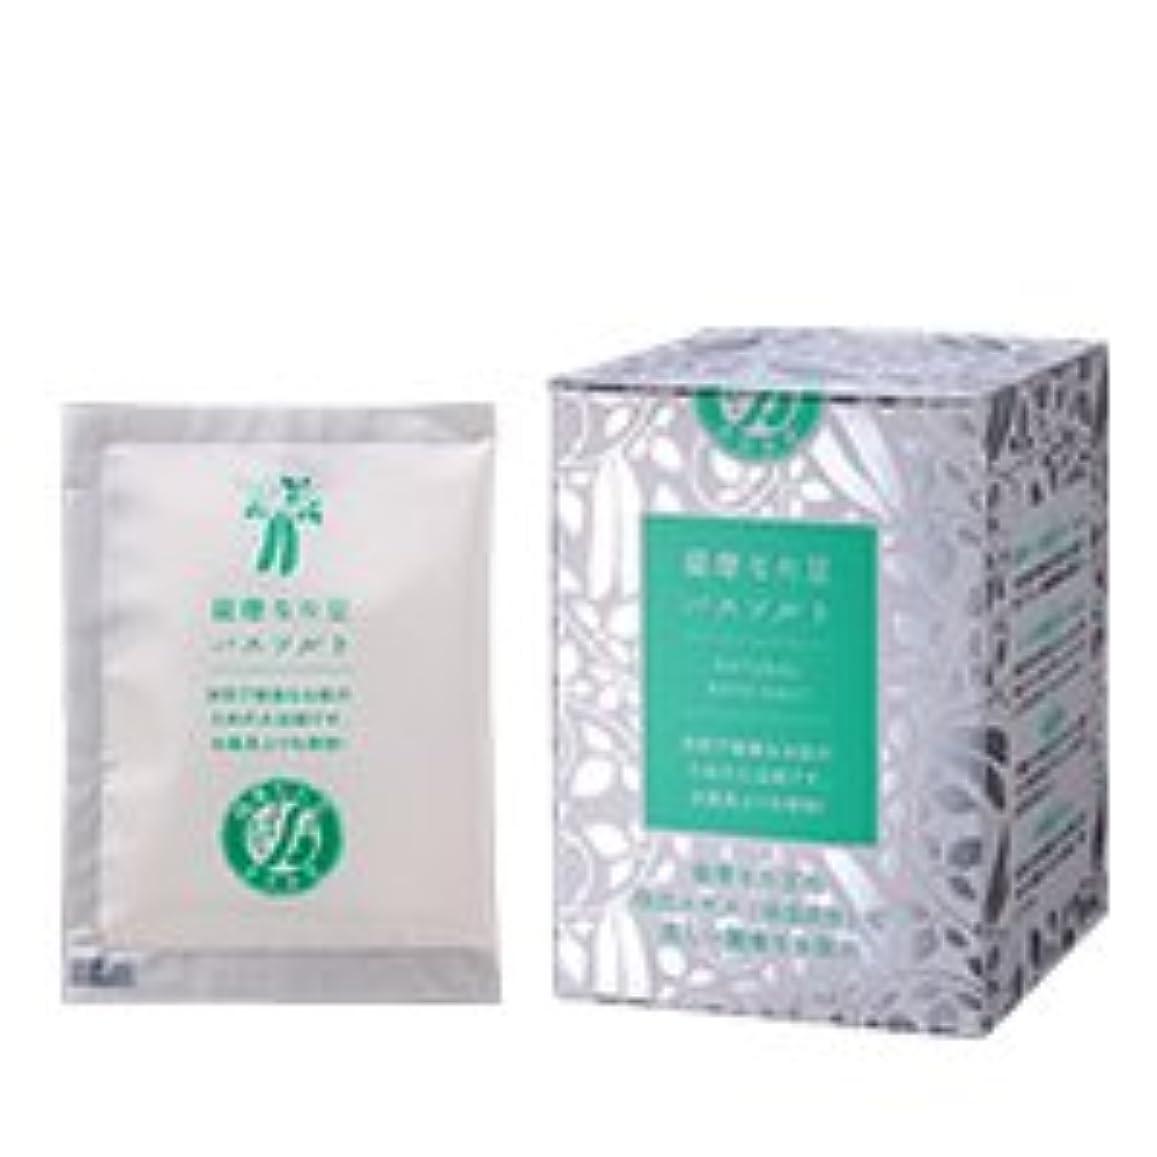 アレルギー海藻流す薩摩なた豆バスソルト【薩摩なた豆抽出エキス入り入浴剤?10包入り????????にも!】